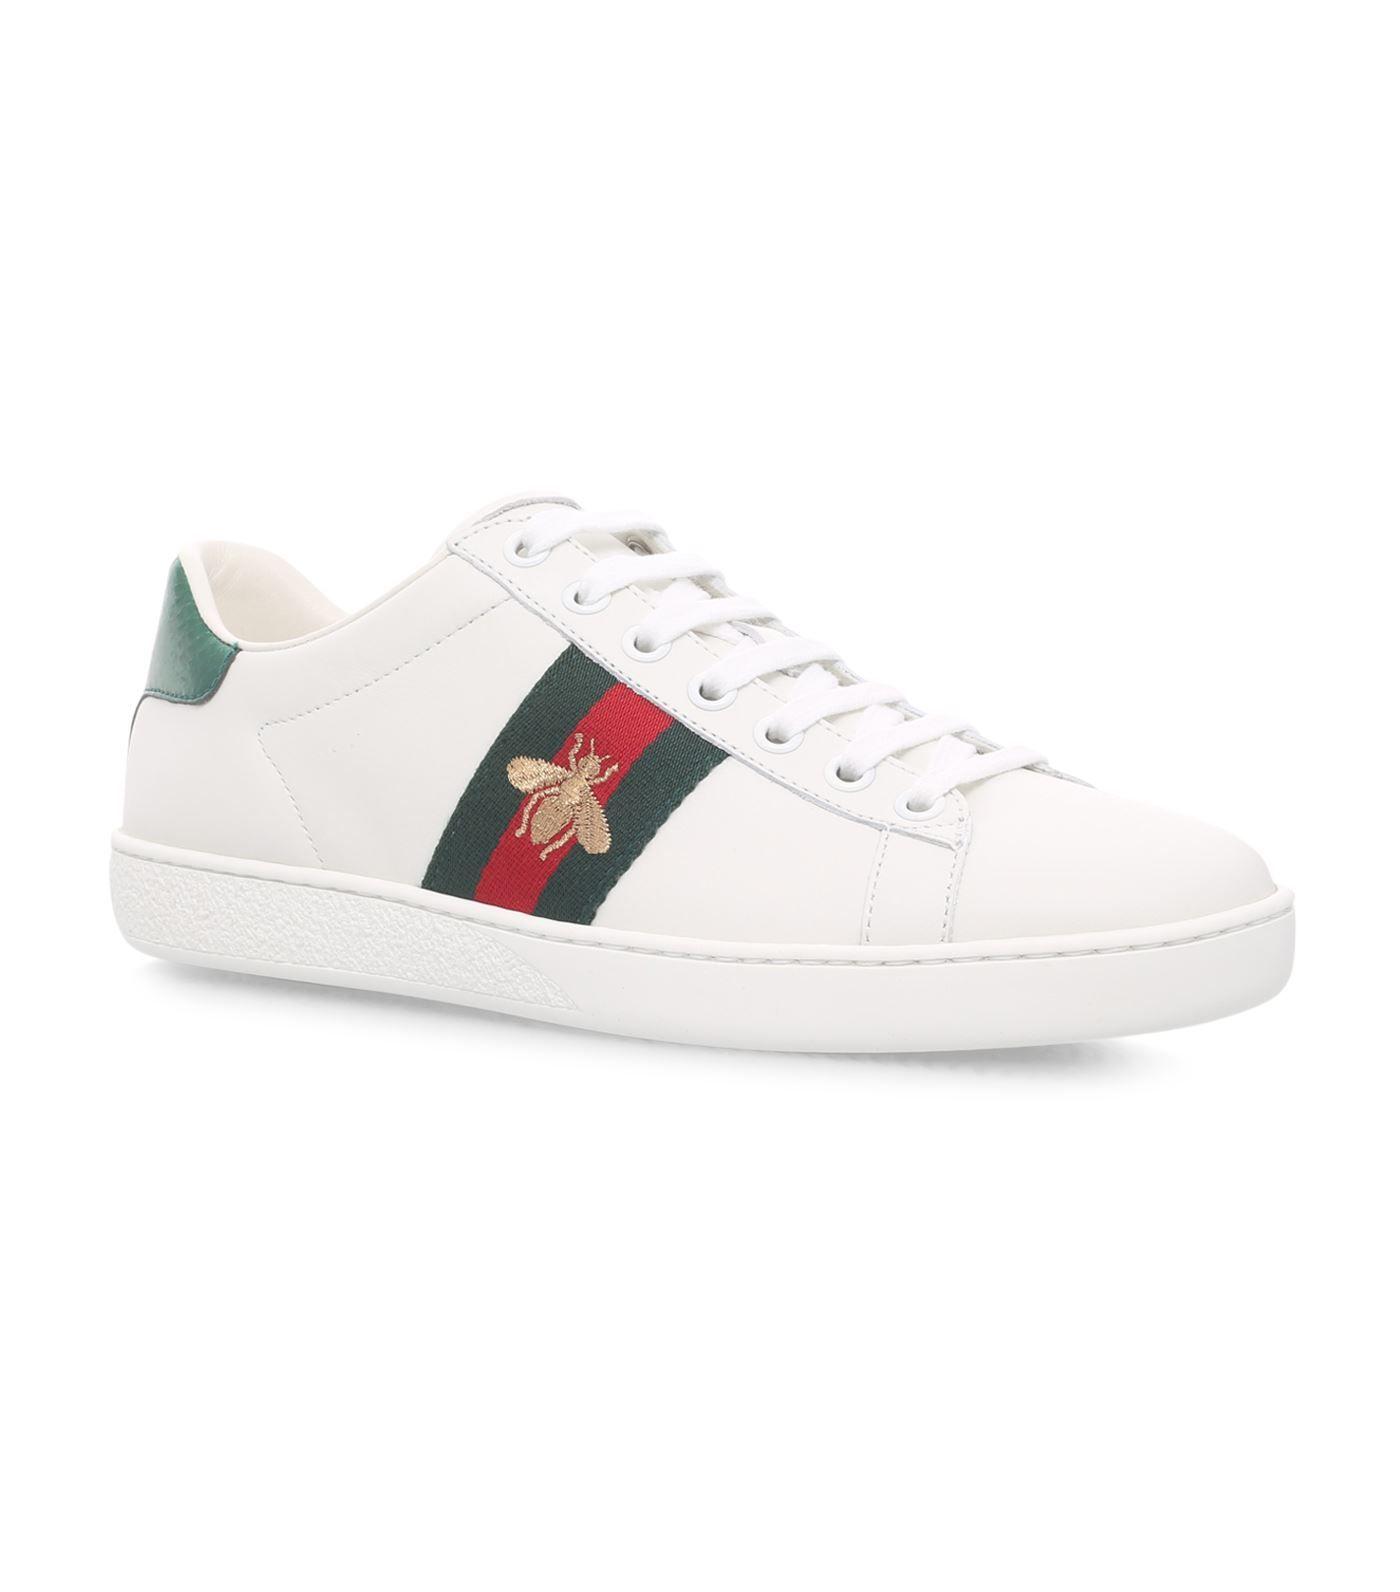 Puma Chaussures en Velours Classique pour Enfants, 37 EU, Tibetan Red/Metallic Gold